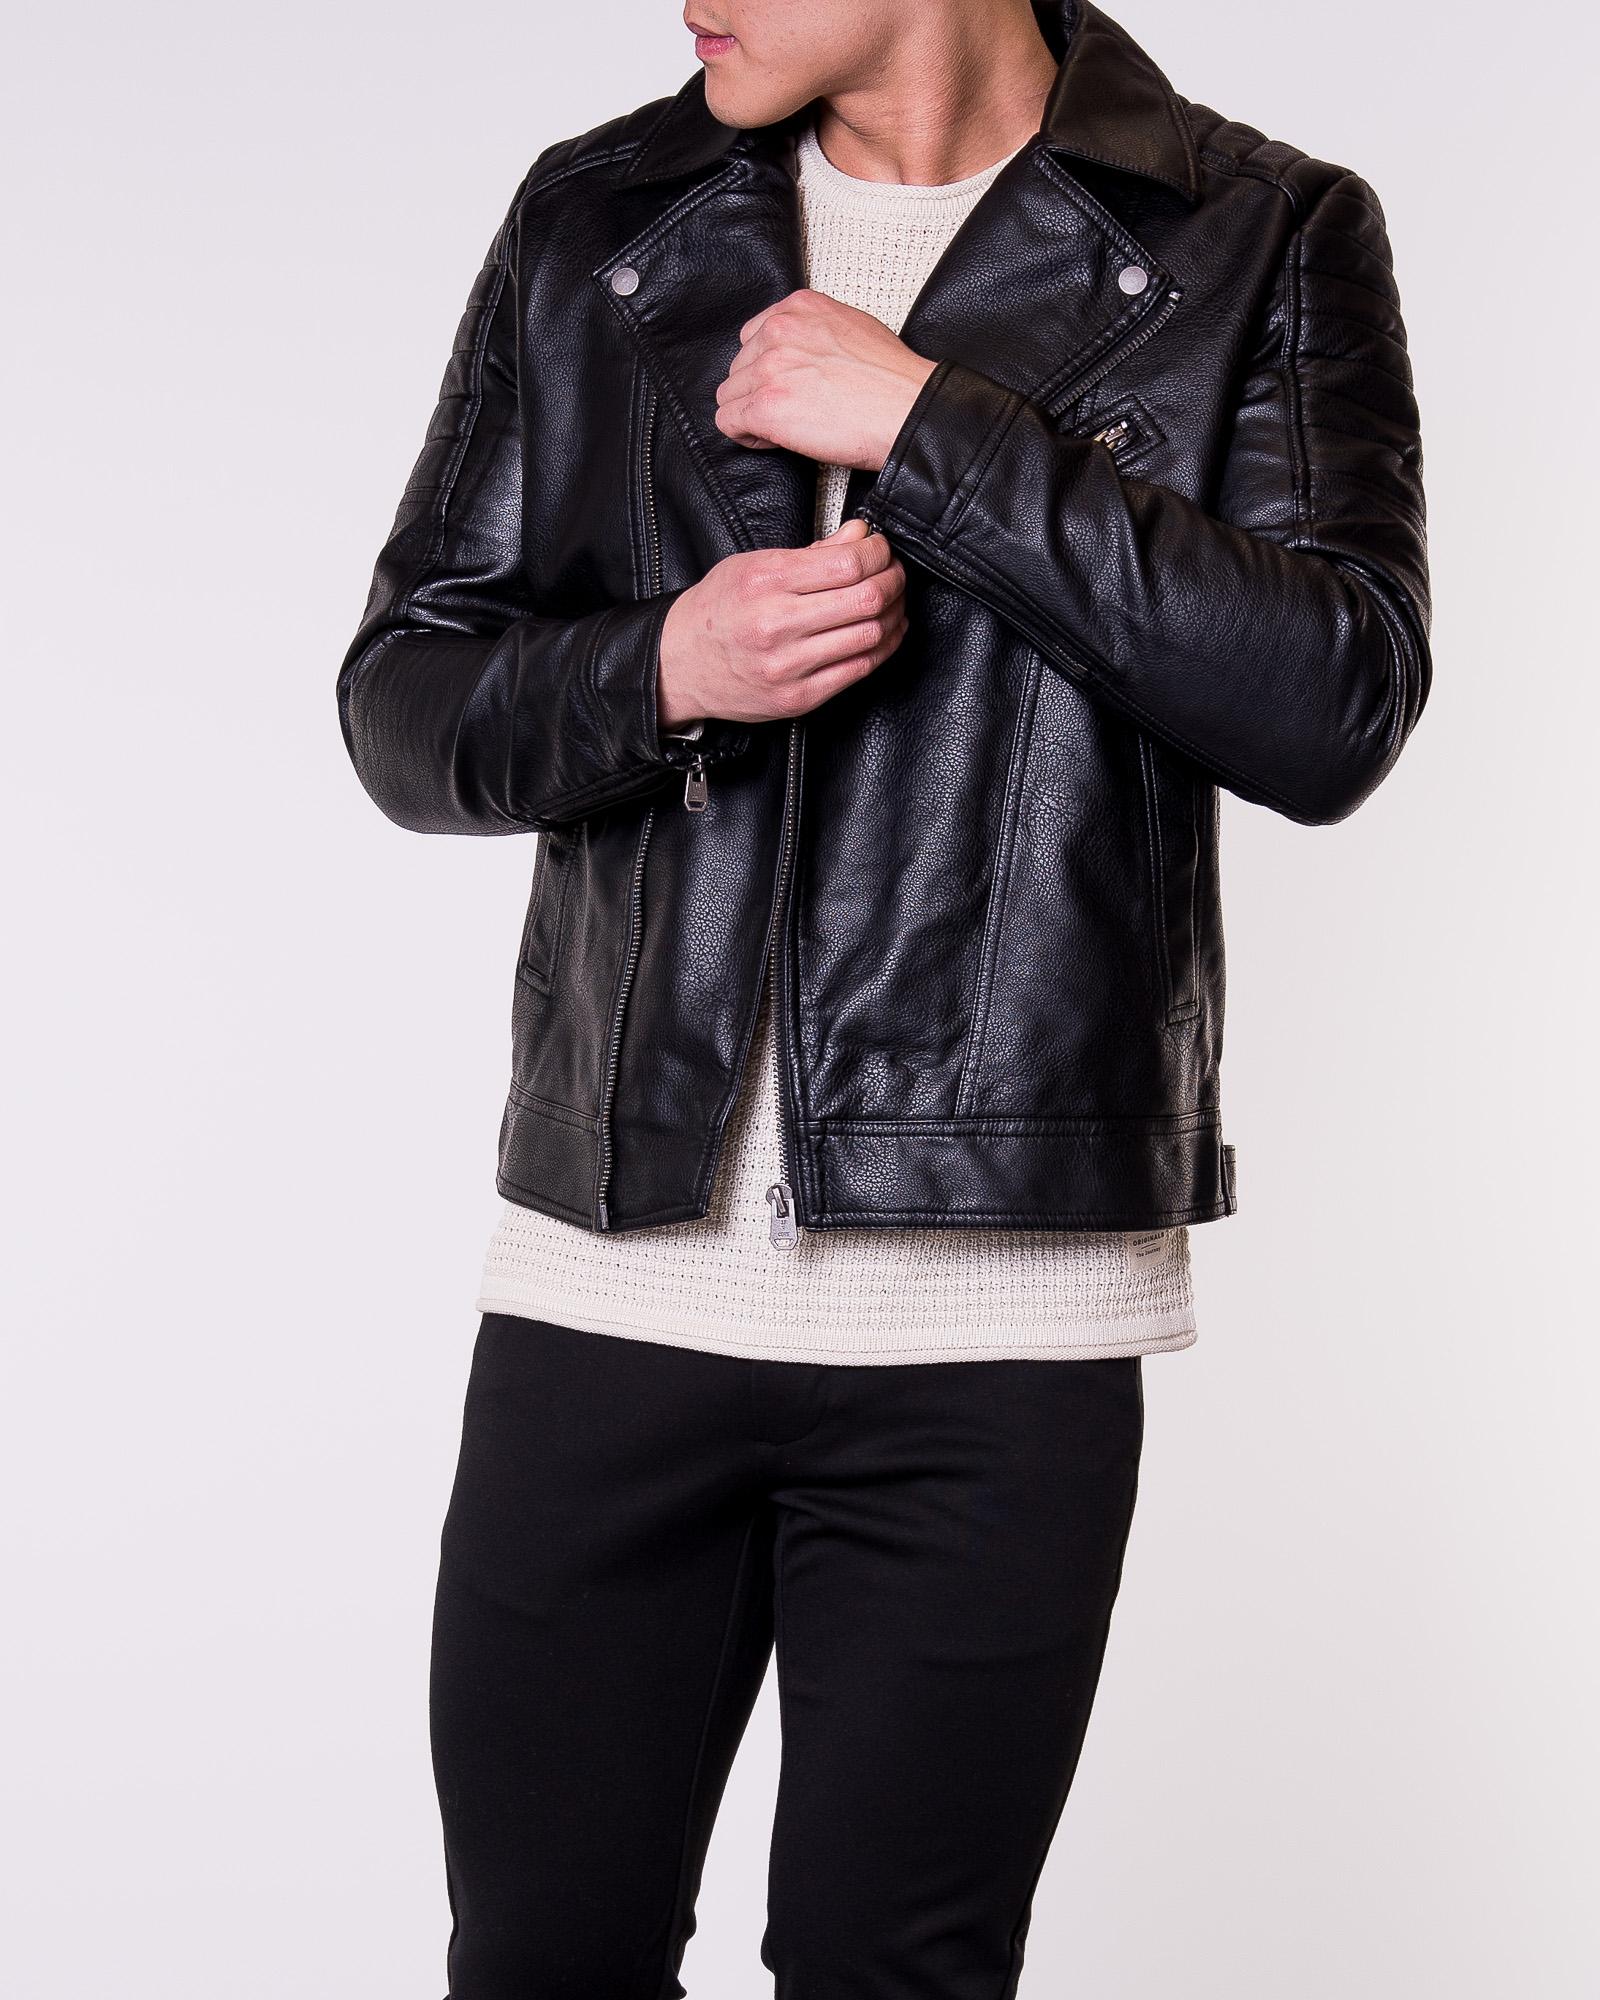 Miesten takit ― oikea malli omaan tyyliisi